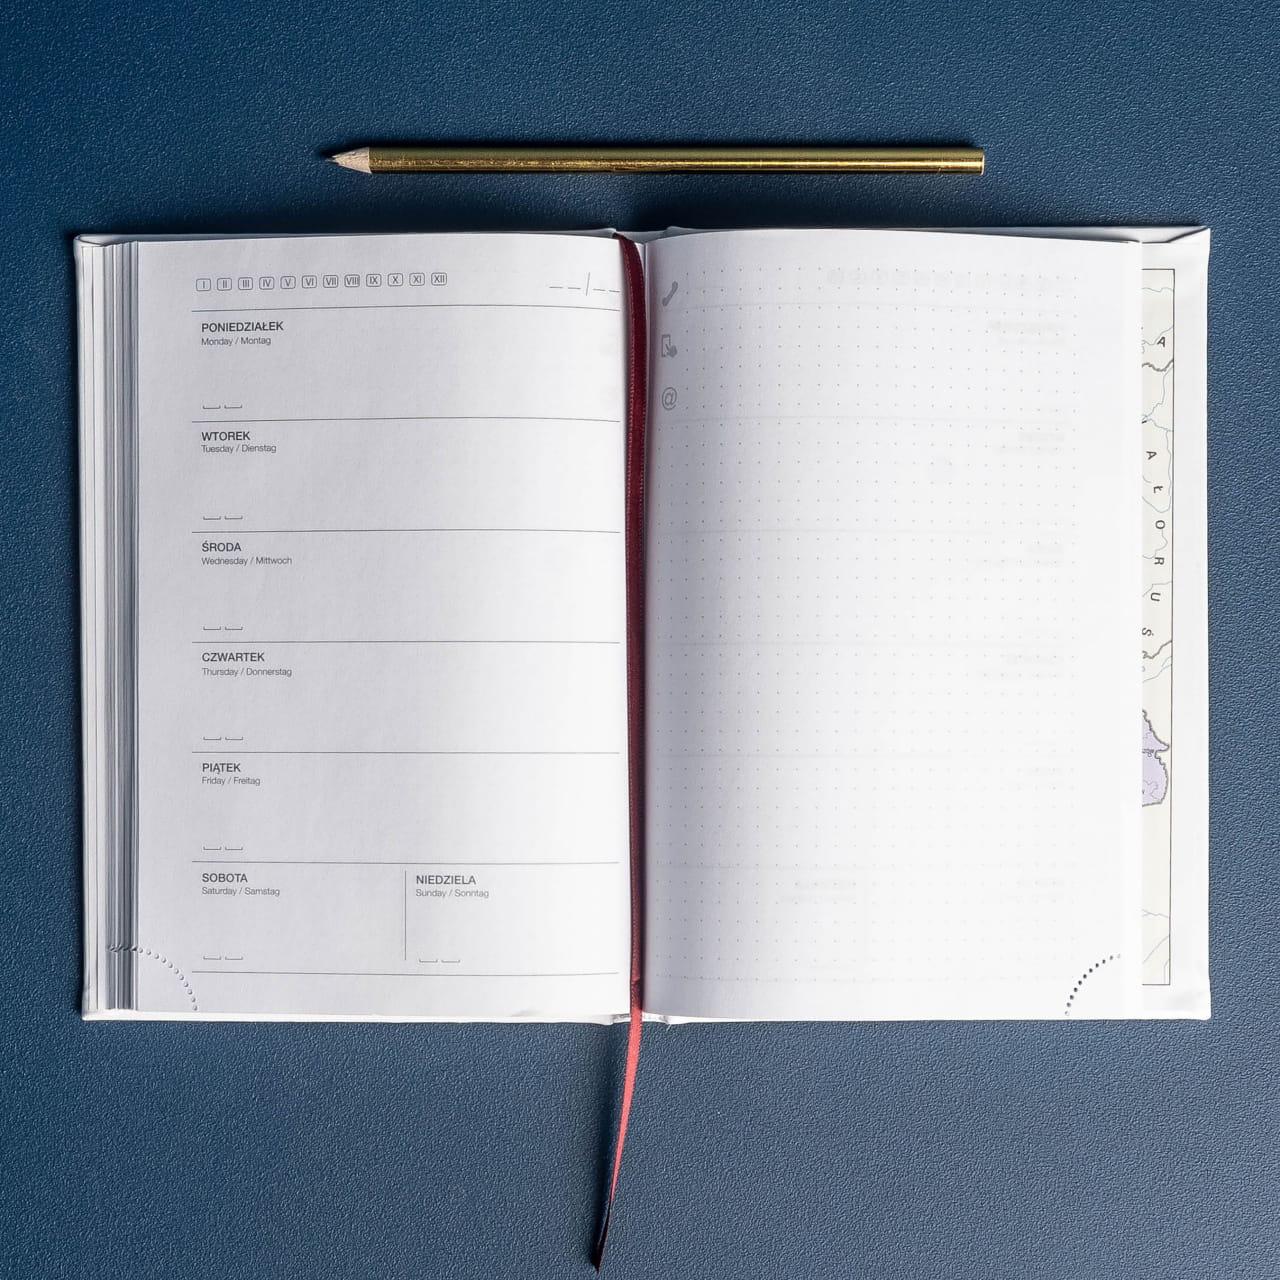 Kalendarz całoroczny to praktyczny prezent dla fizjoterapeuty